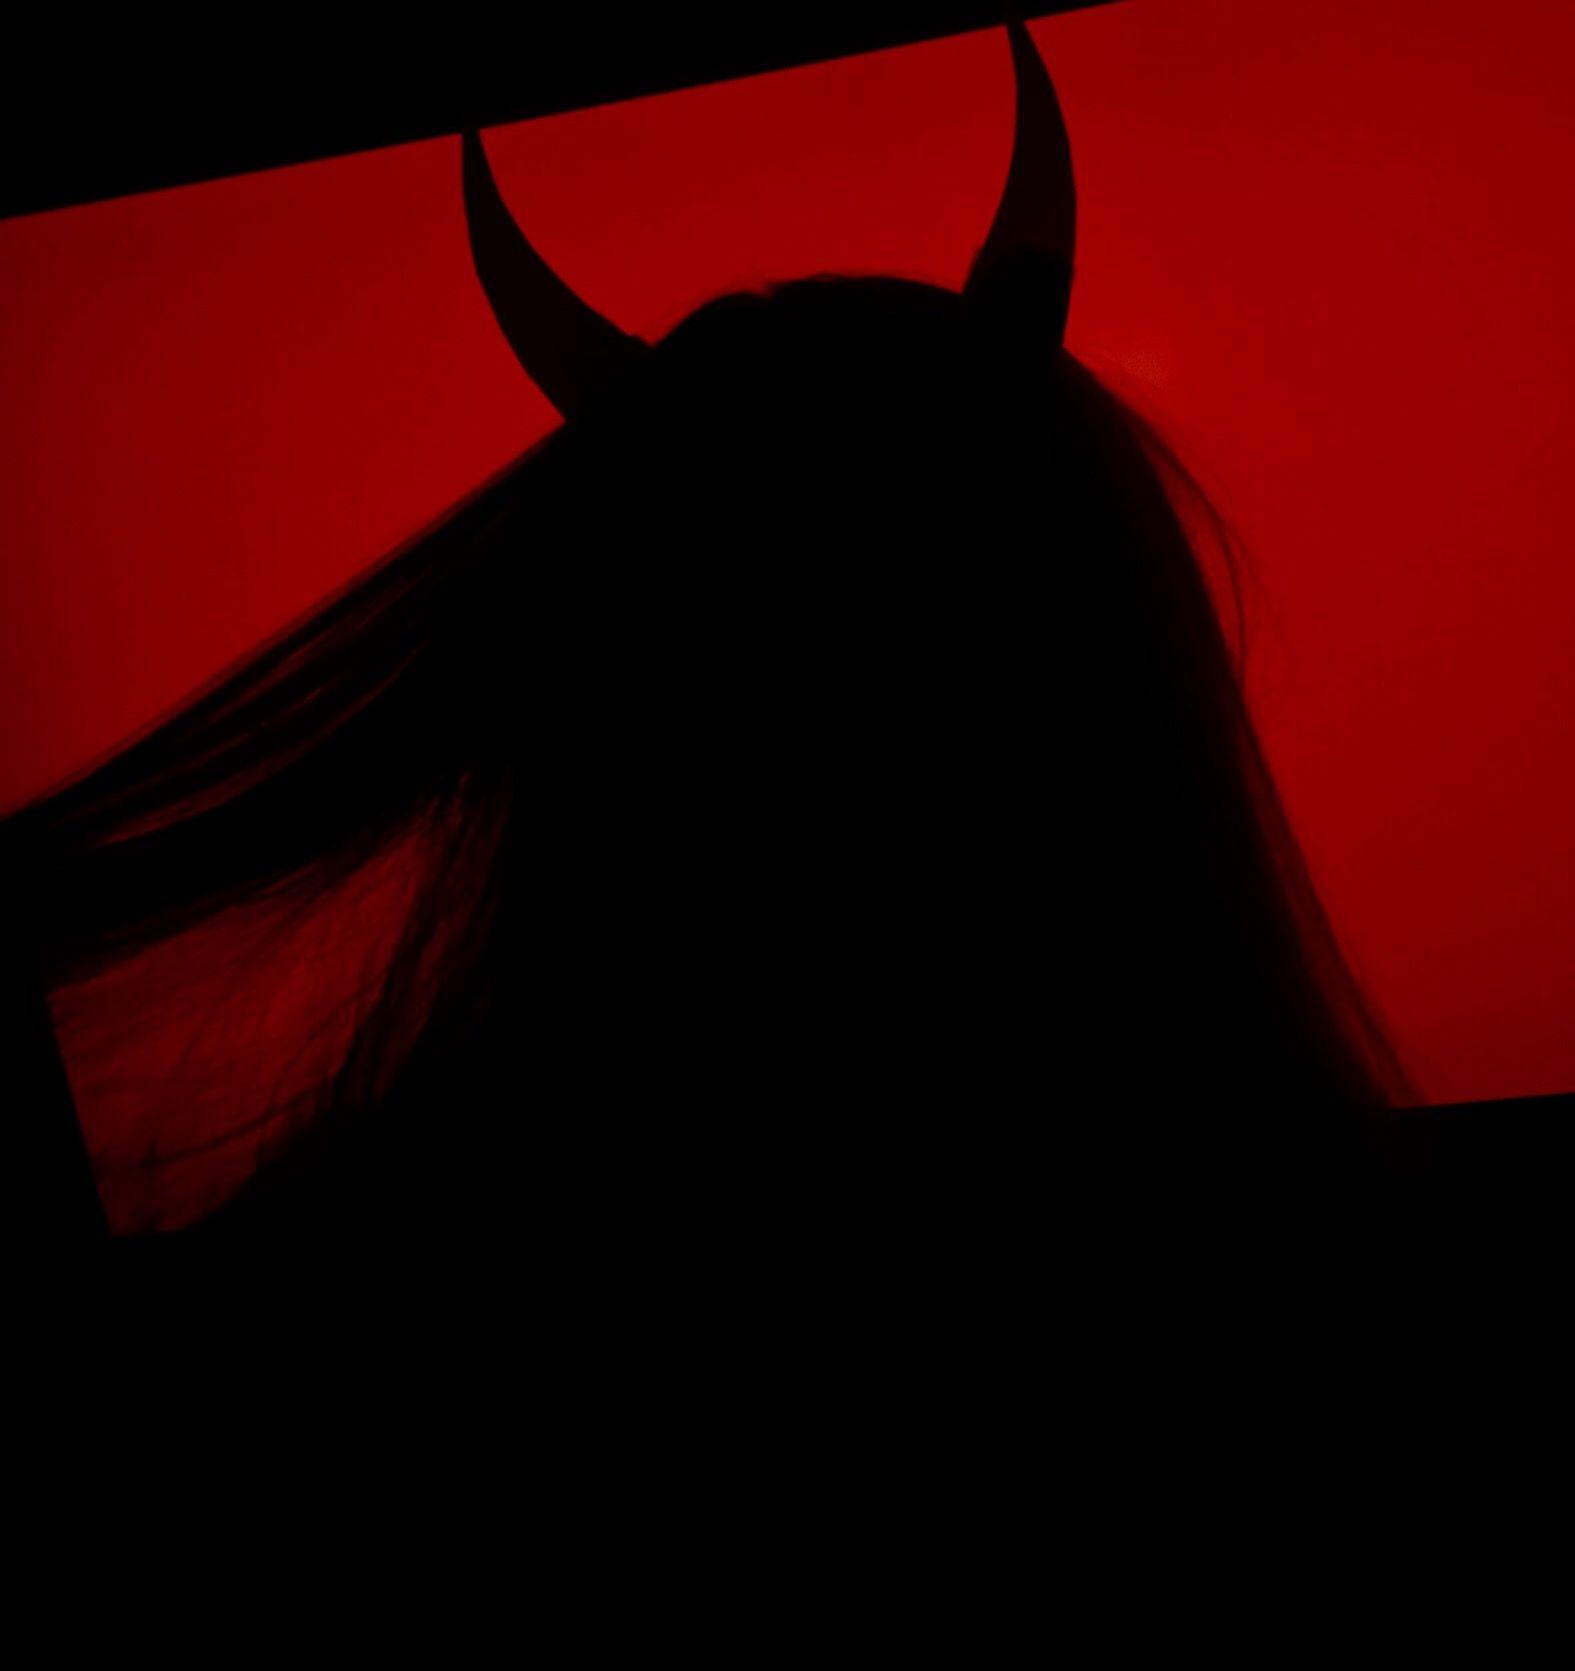 Grunge devil girl aesthetic | red | Red aesthetic grunge ...